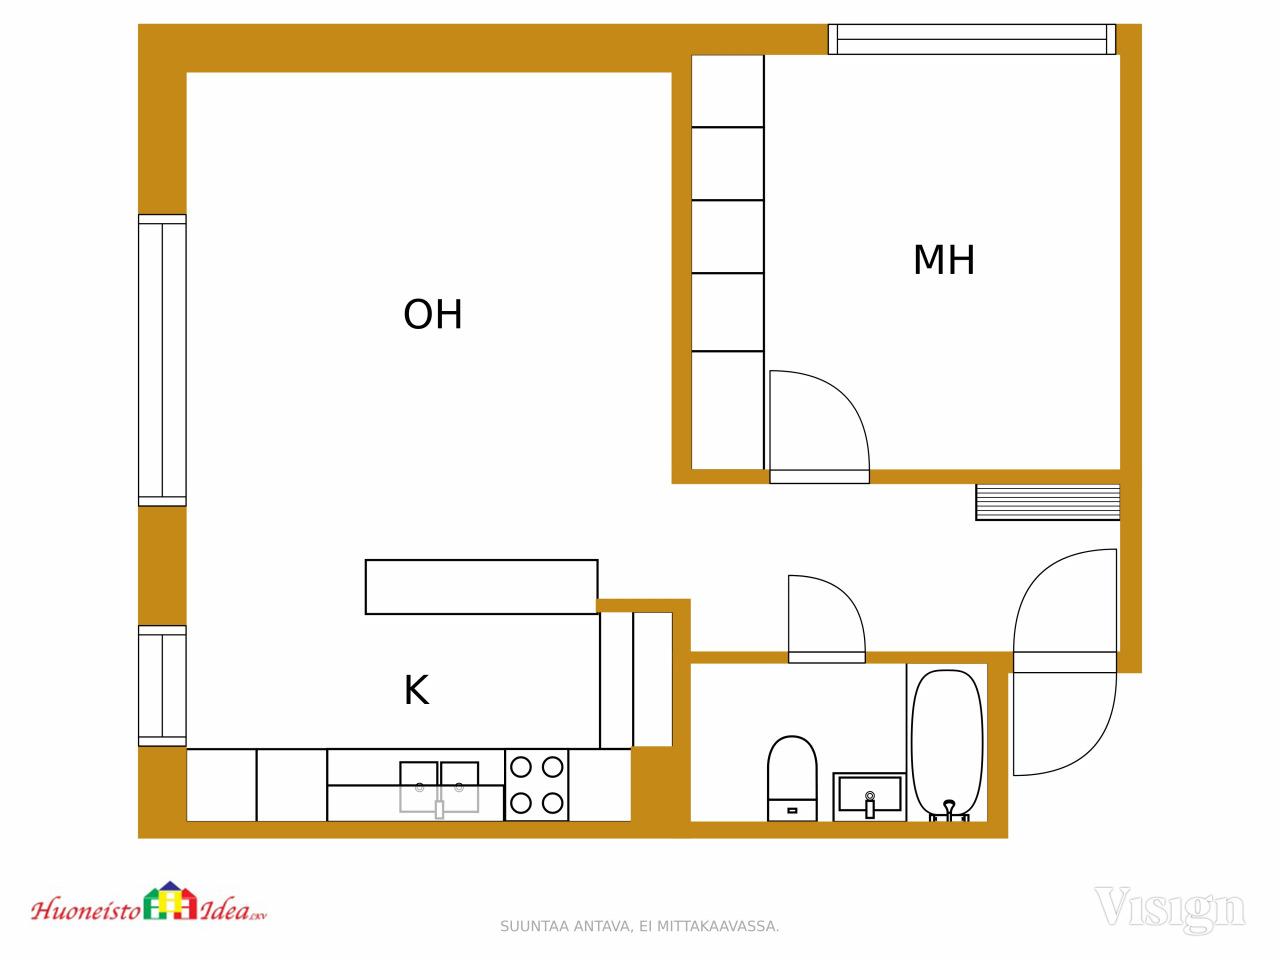 Pakkahuoneenkatu 8 Huoneisto Idea Lkv Kiinteistonvalitys Oulu